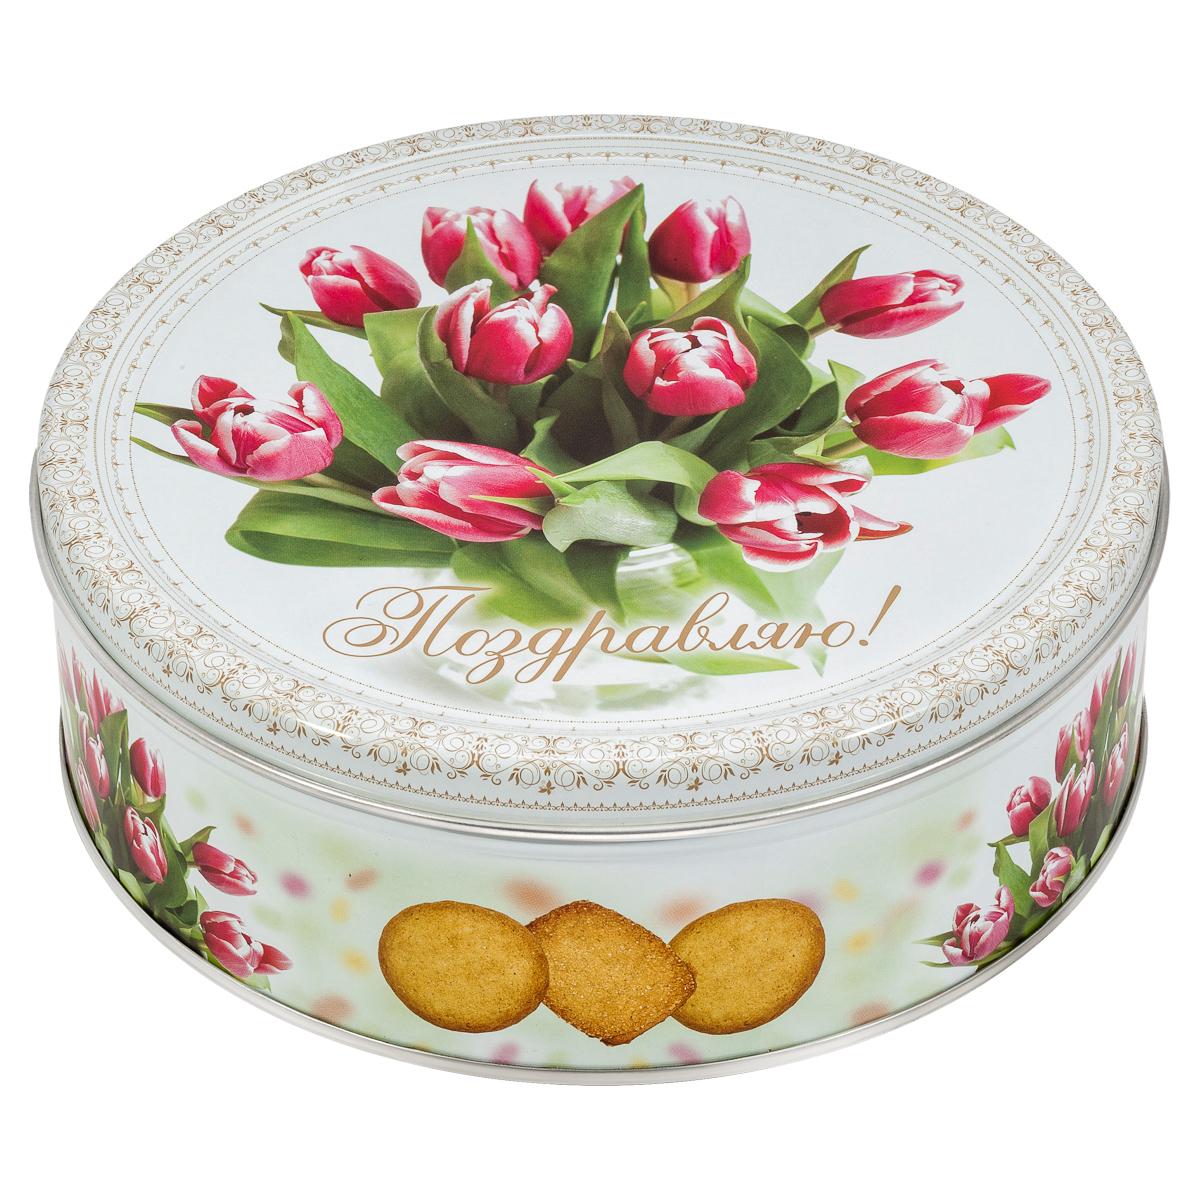 Monte Christo Тюльпаны печенье со сливочным маслом, 400 г monte christo русские узоры хохлома печенье сдобное со сливочным маслом черный 400 г